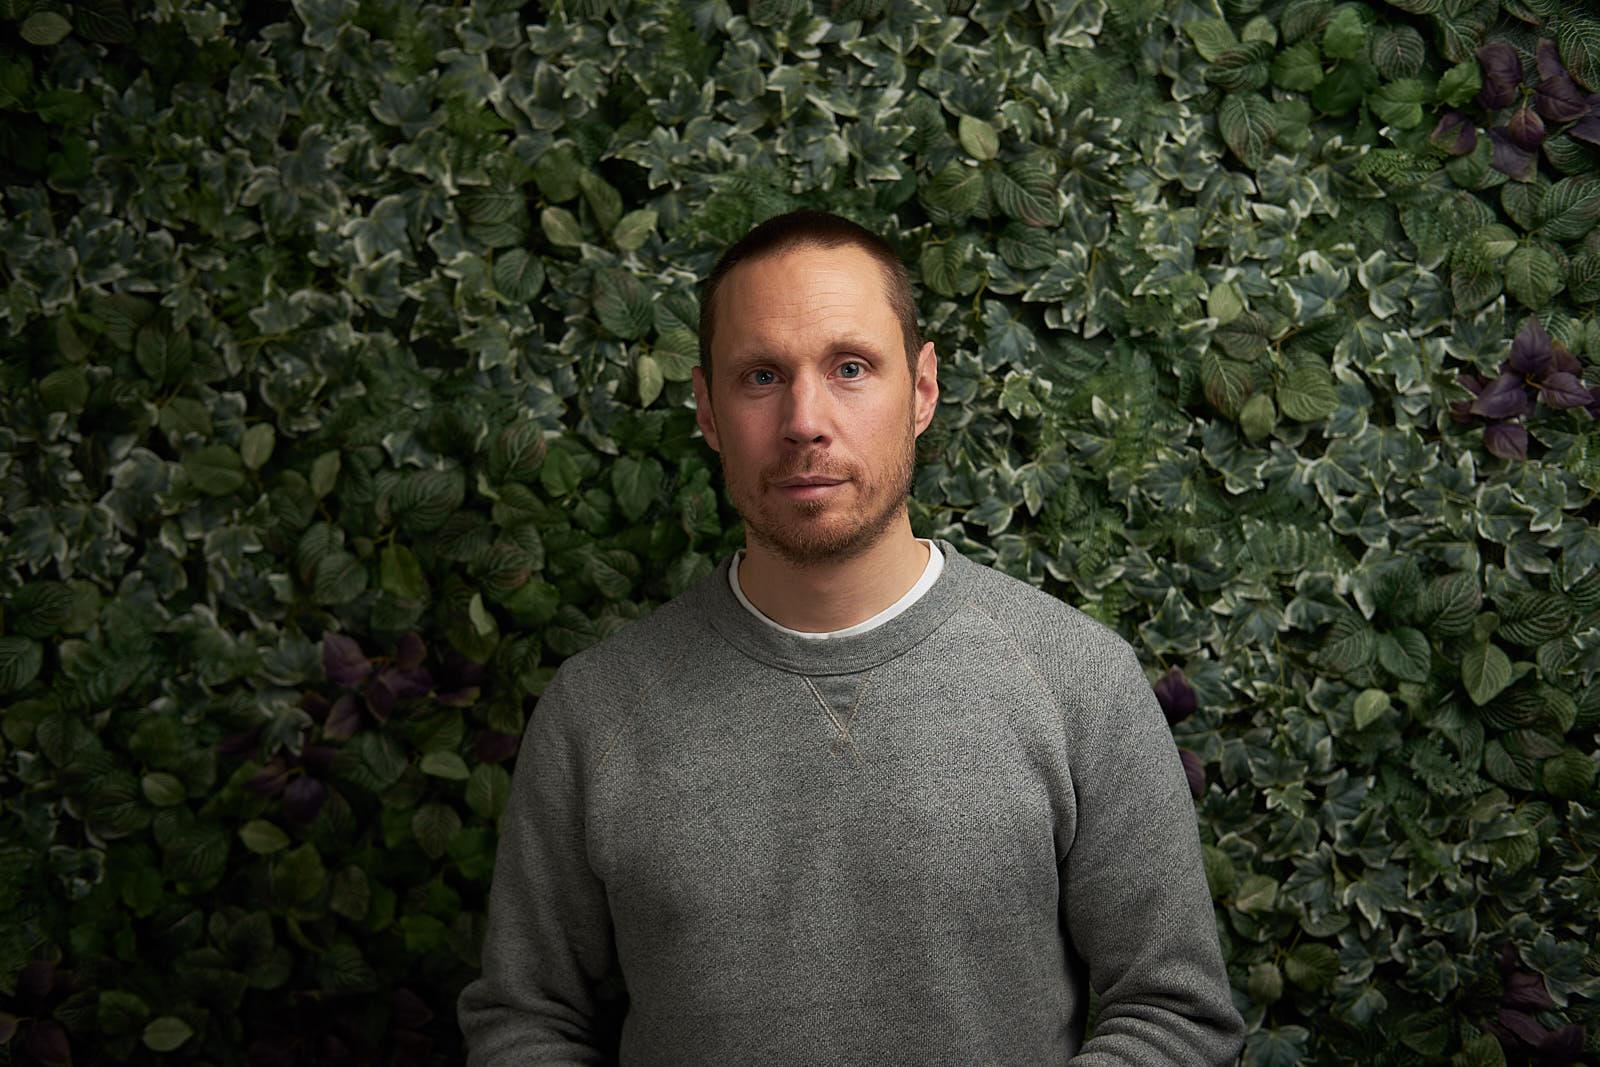 Erik är legitimerad psykolog med utbildning inom KBT, unified protocol, motiverande samtal, compassionfokuserad terapi, ACT och MBKT.